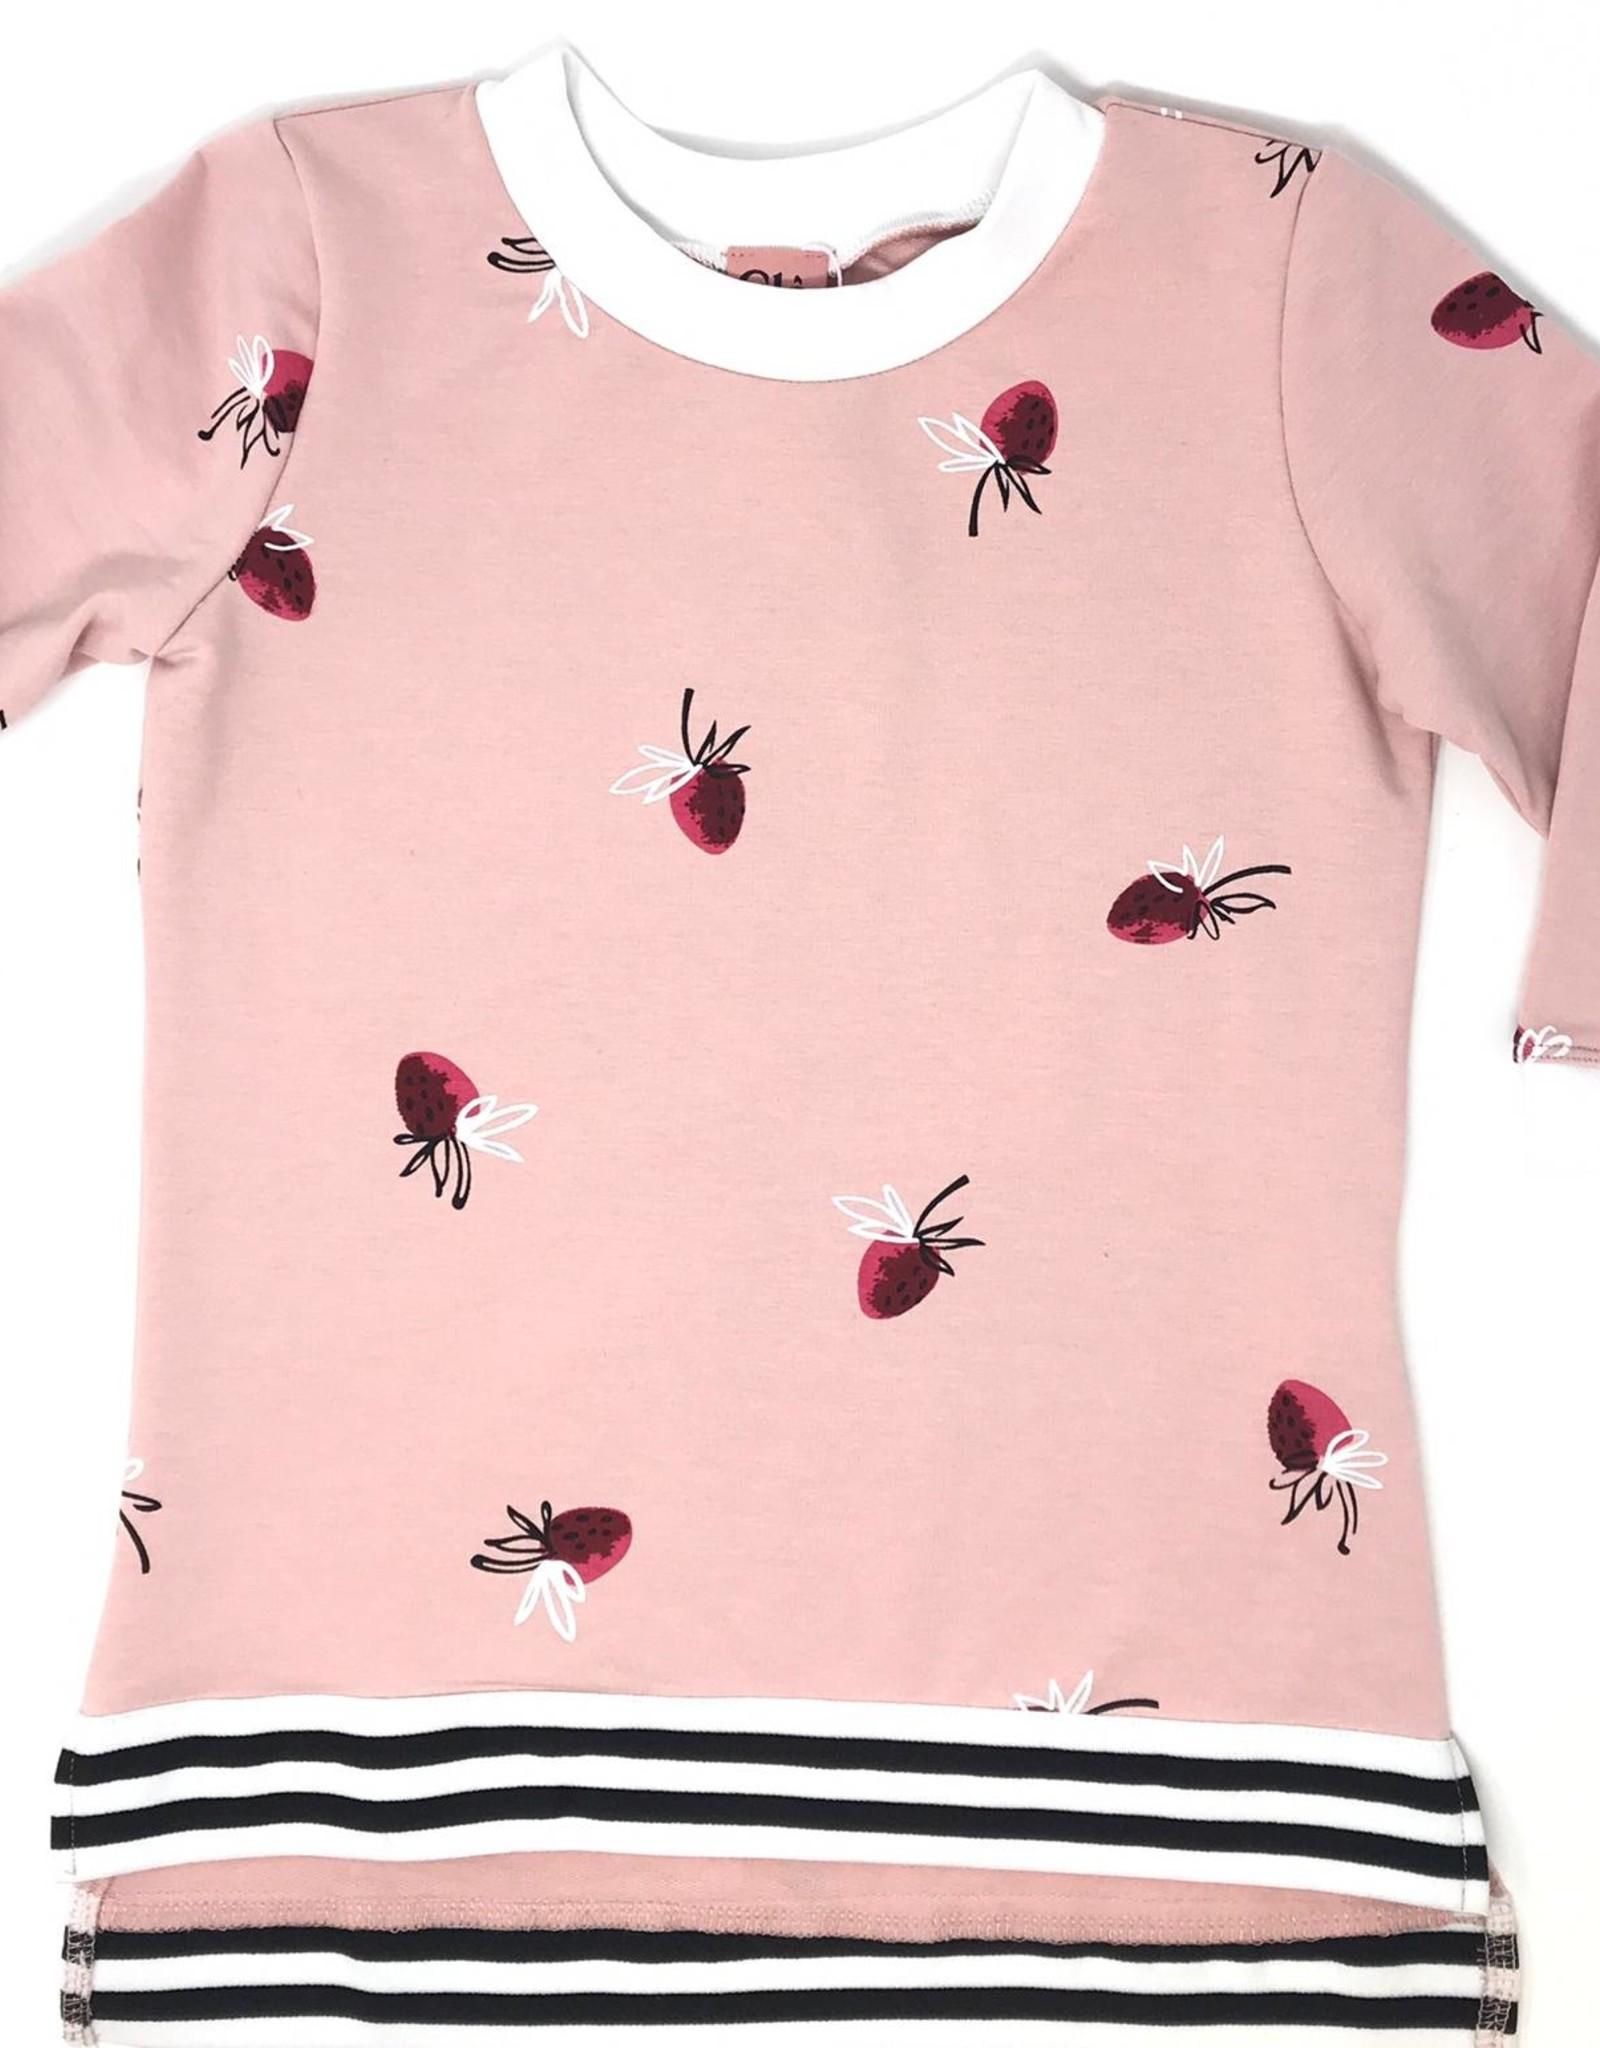 Clo Clo Printed Strawberry Top